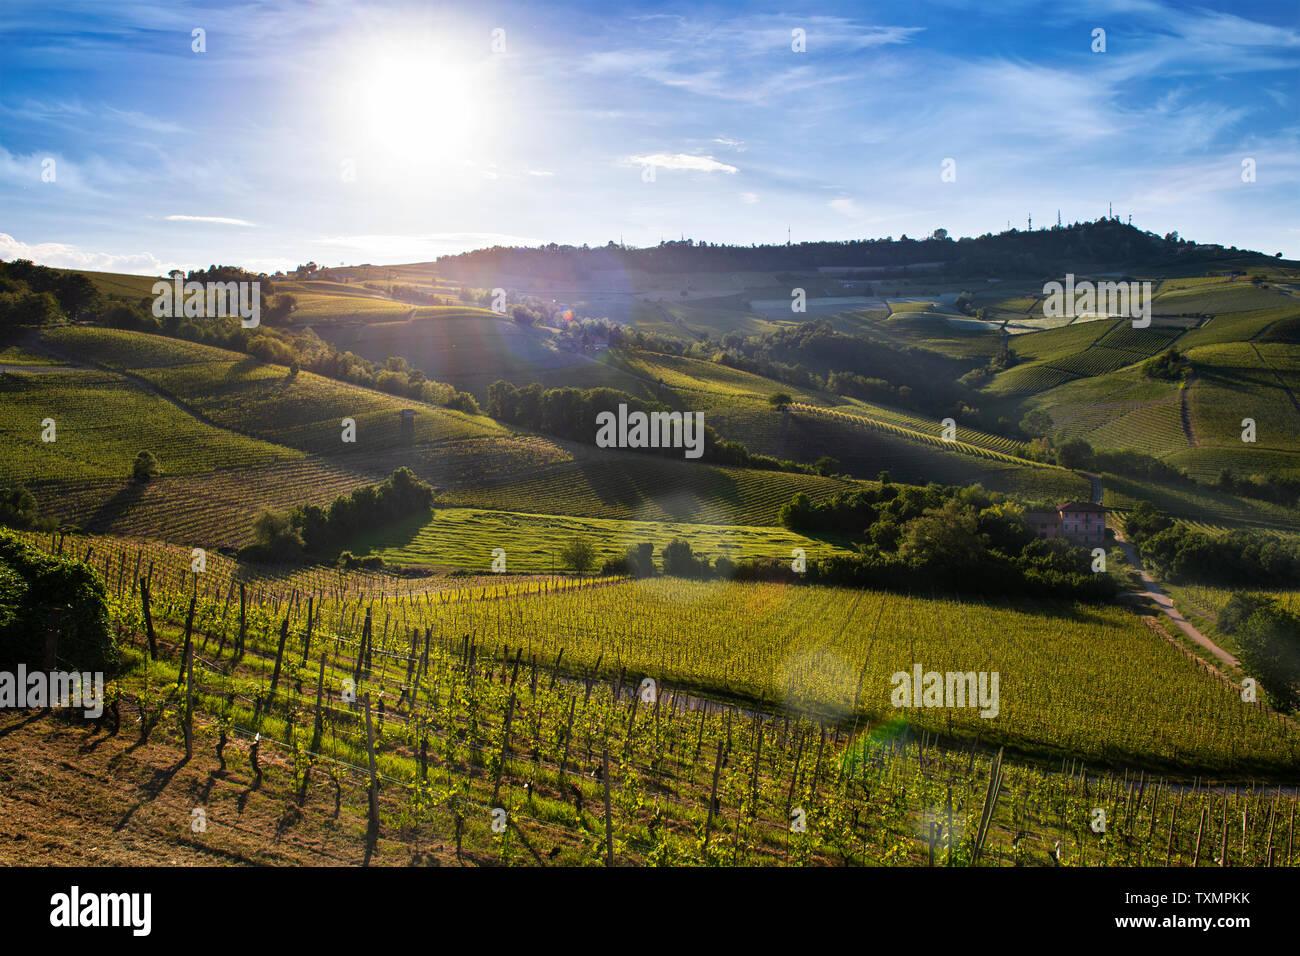 Maravillosos viñedos y bosques en la ladera Sarmassa ubicada en el municipio de Barolo Piedmont Italy, el cielo es azul con nubes preciosos Foto de stock